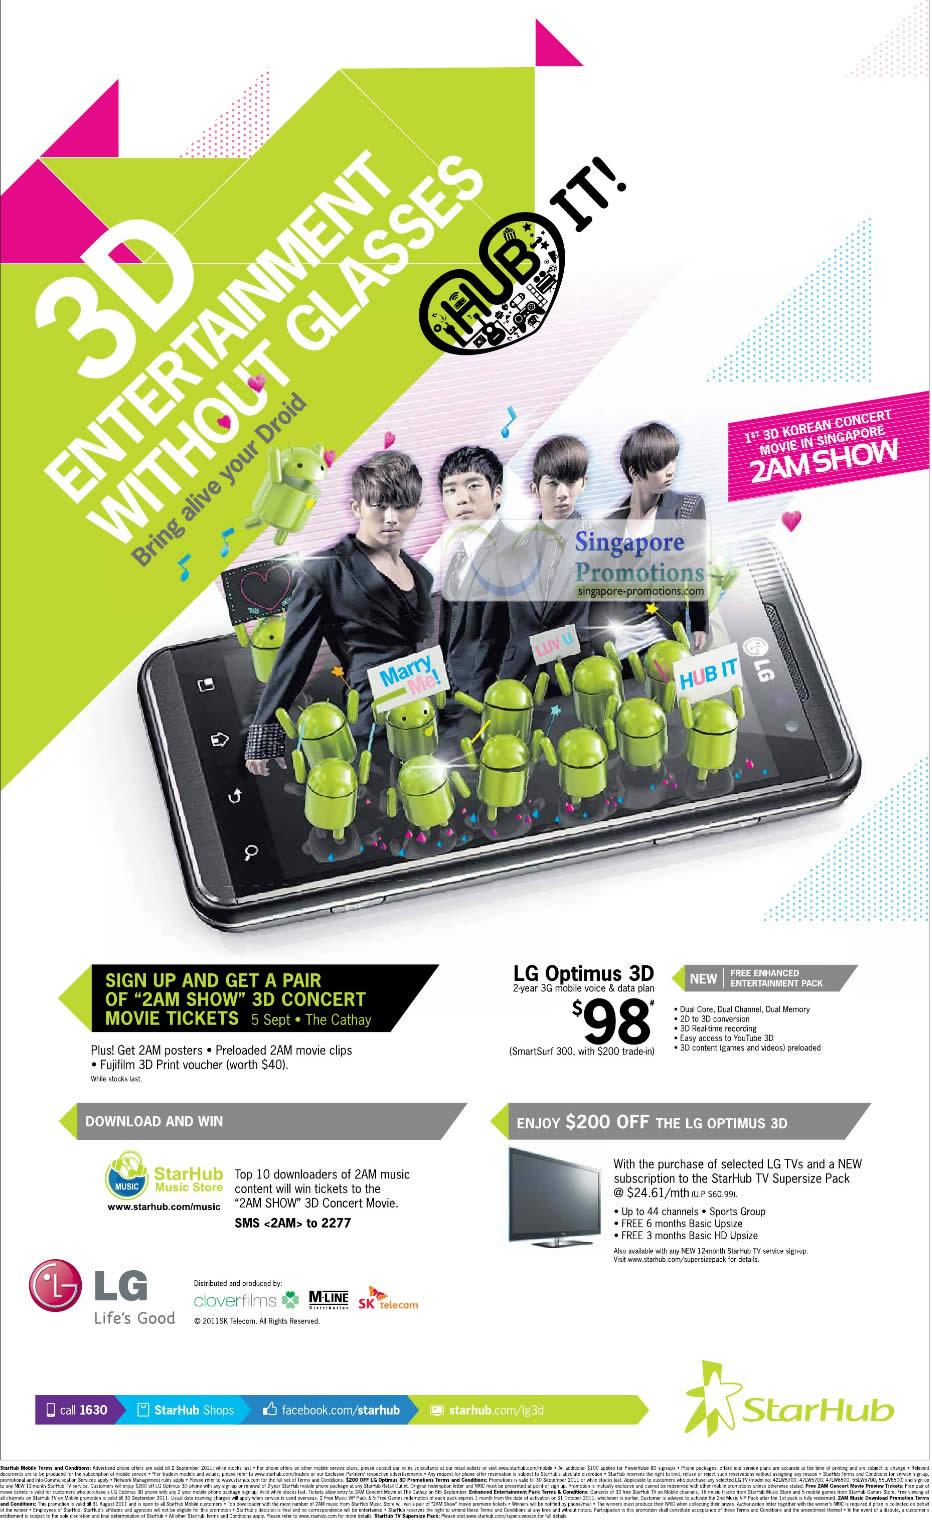 LG Optimus 3D, 2AM Show 3D Concert